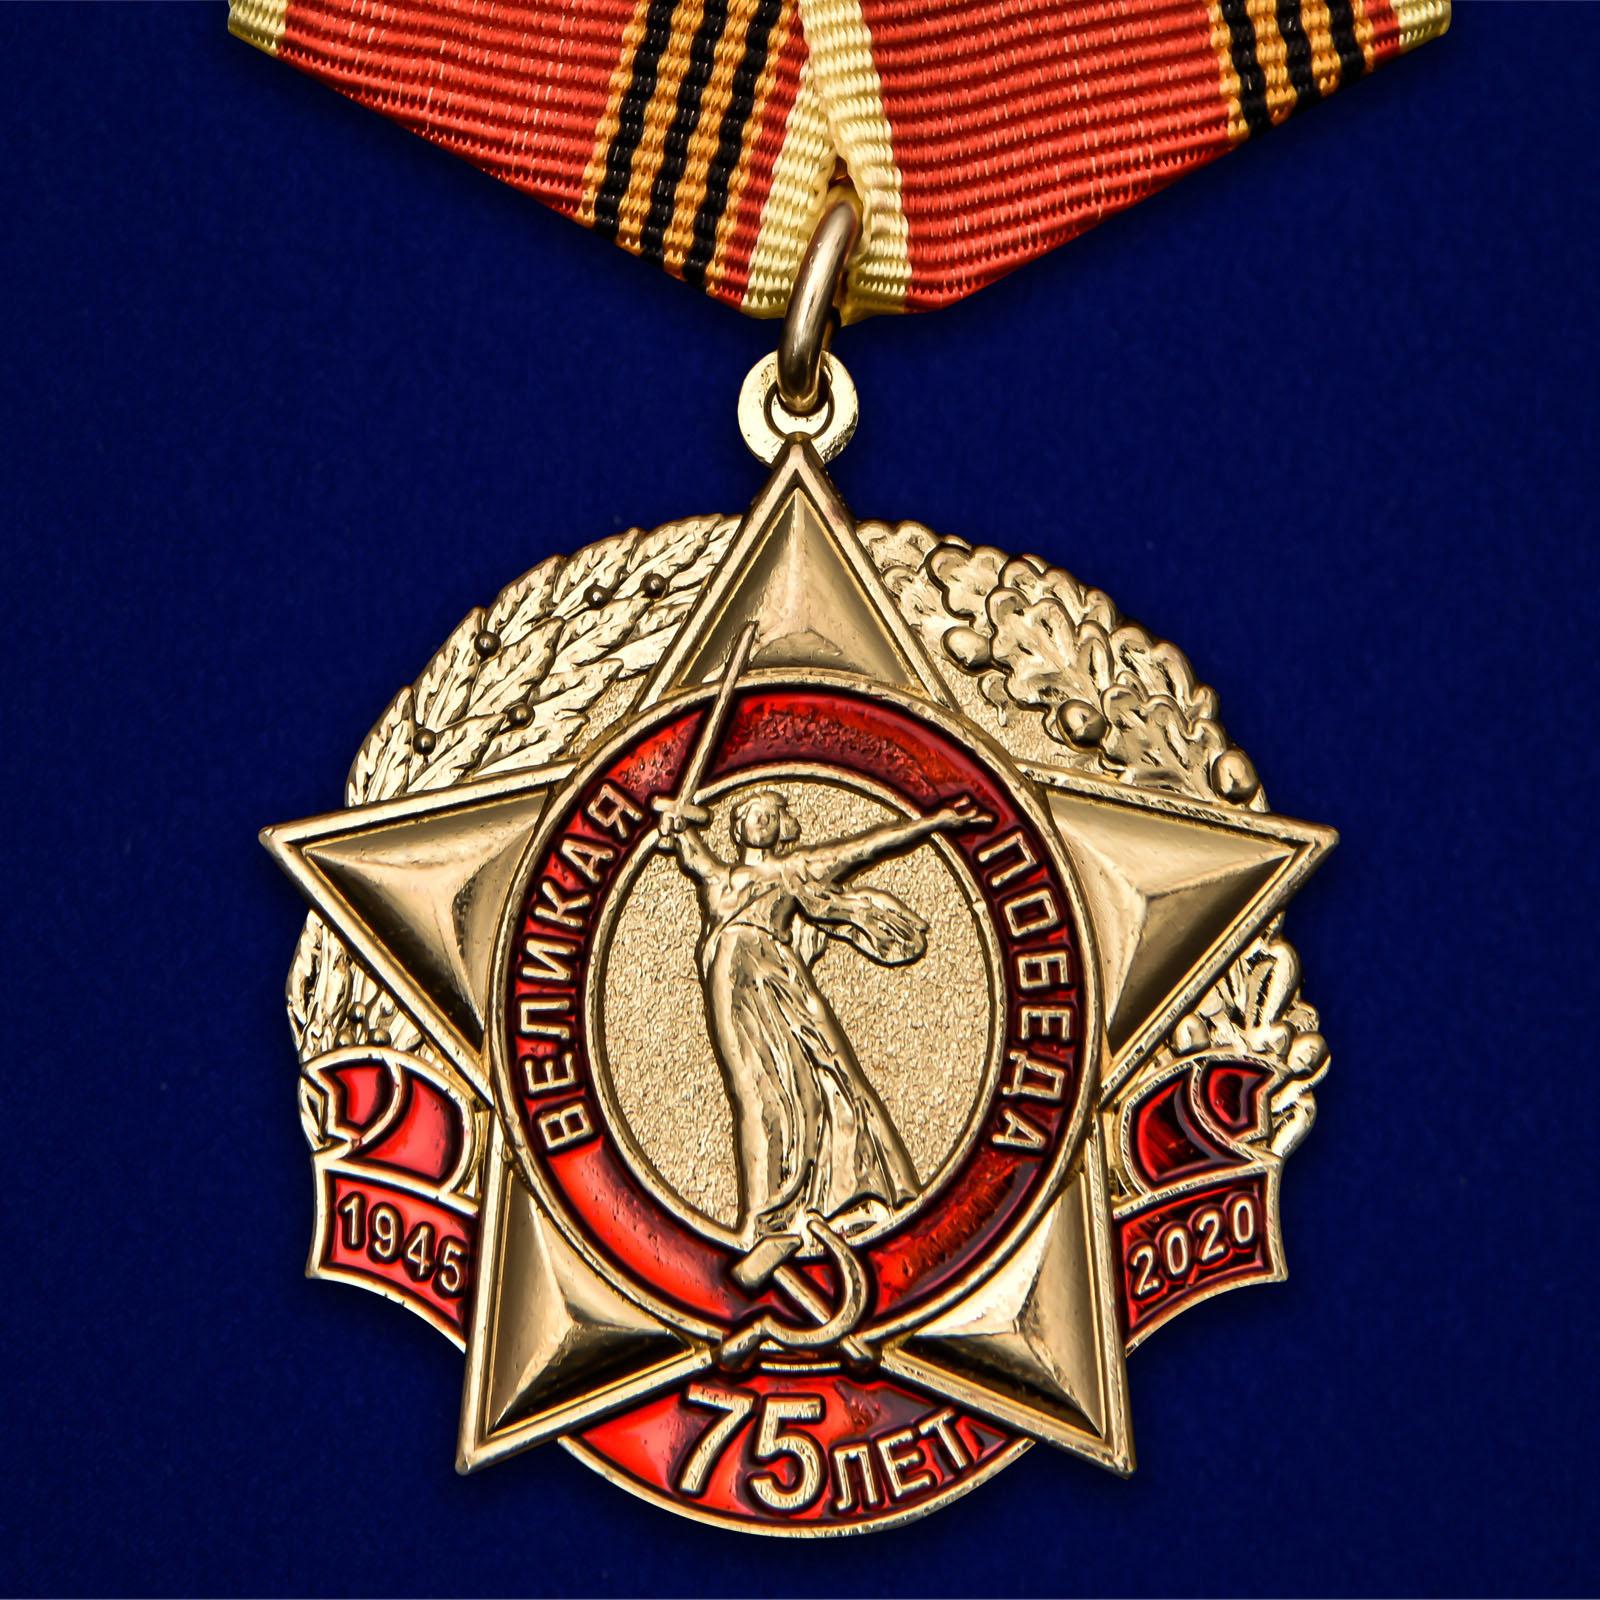 Купить медаль День Великой Победы КПРФ на подставке онлайн выгодно